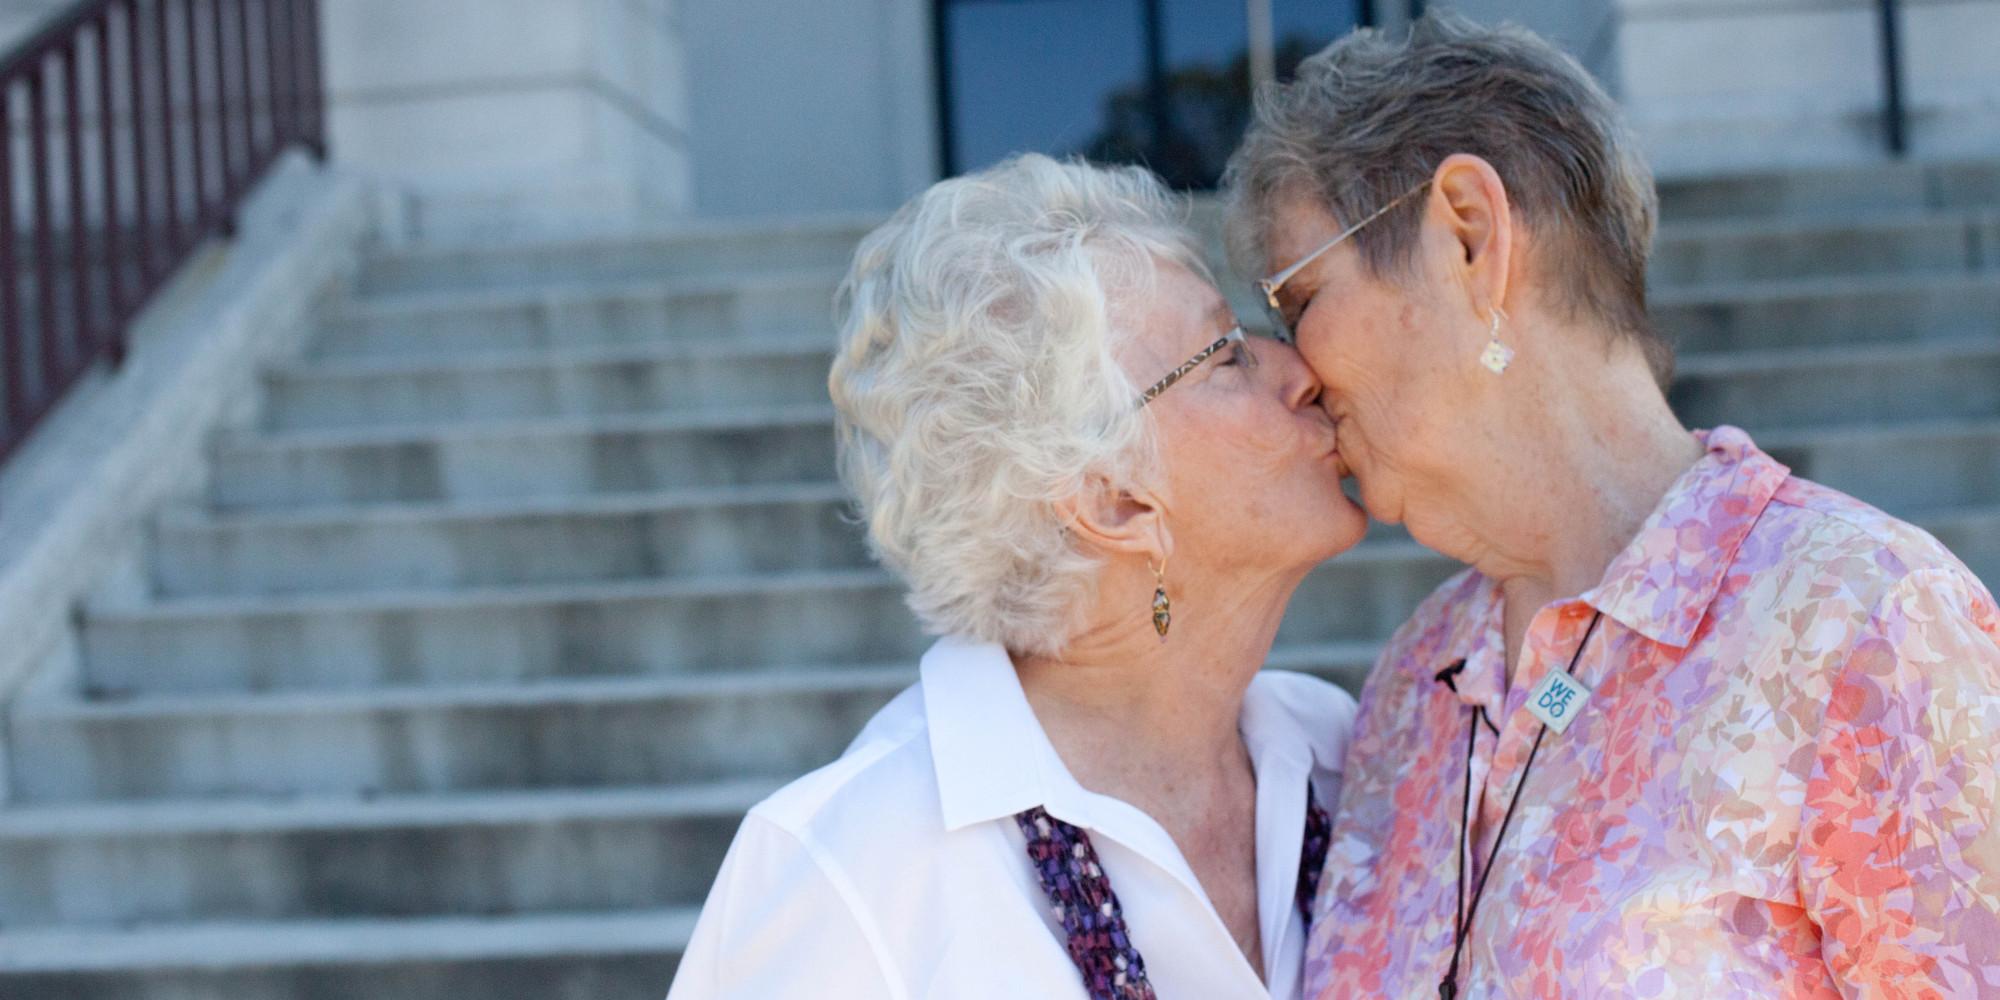 carole kaiser and mary burson, elderly lesbian couple, denied